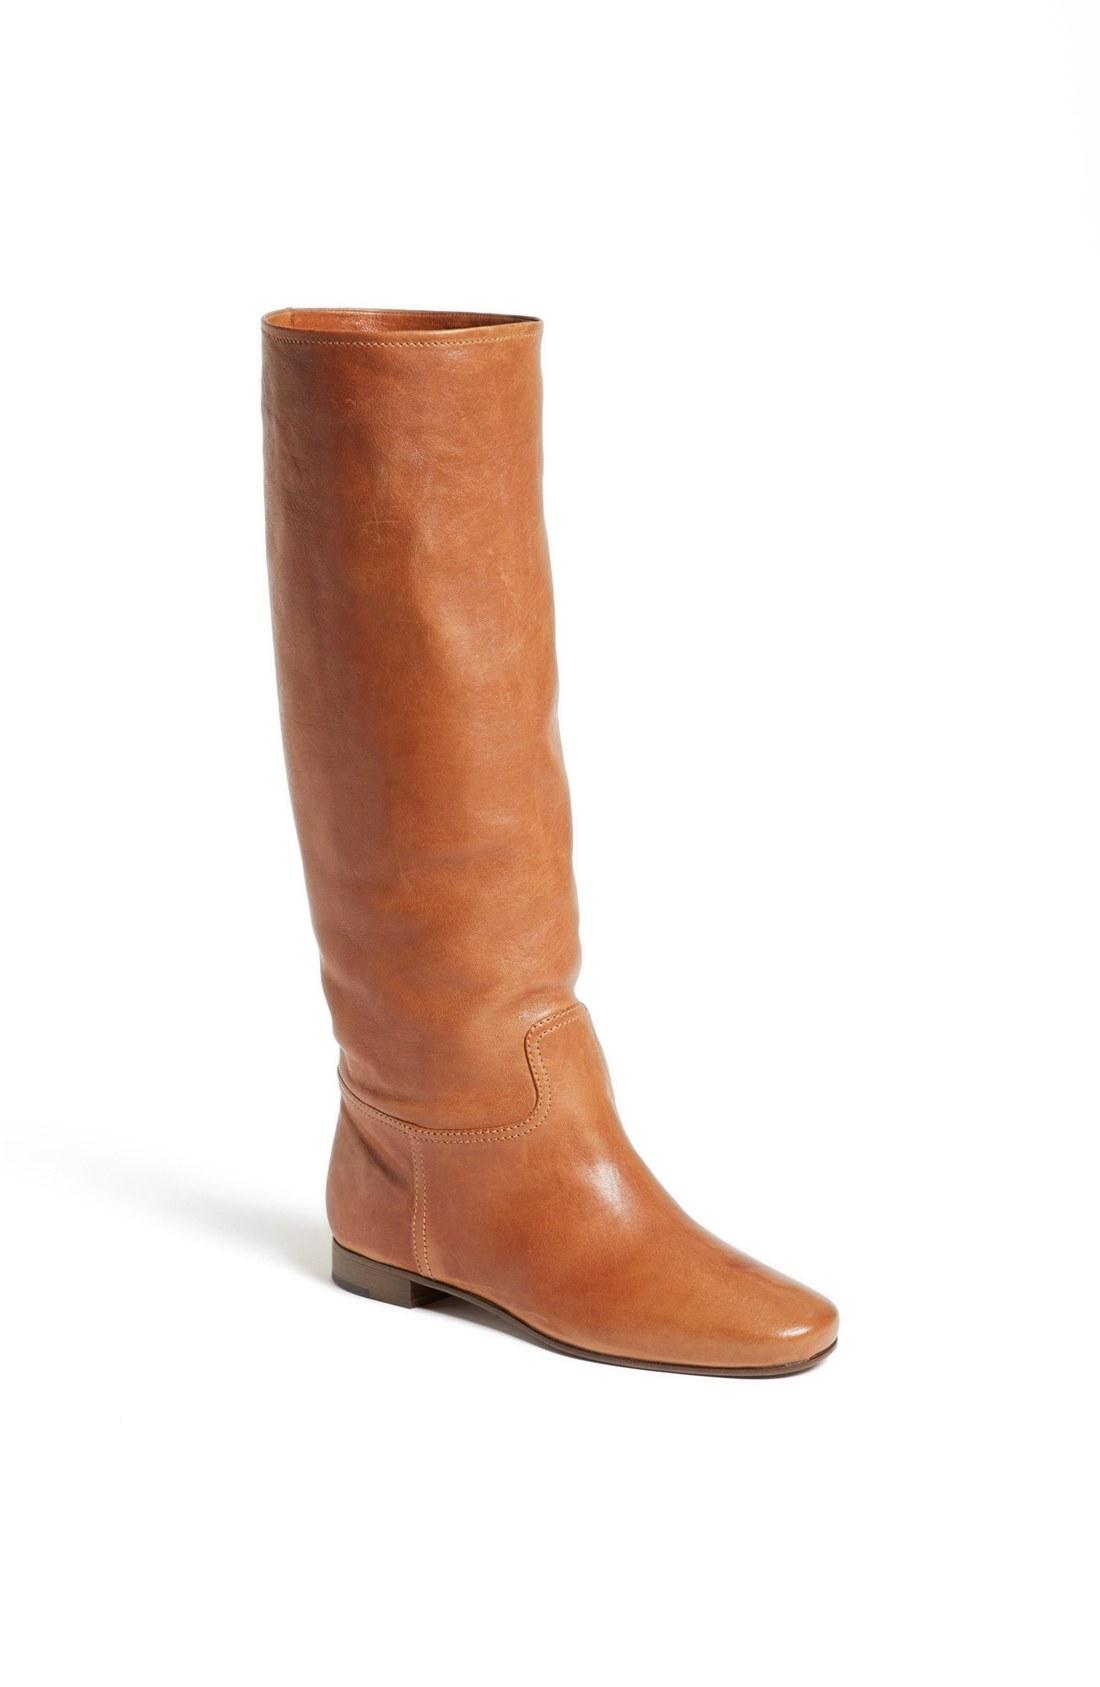 prada scrunchy flat boot in brown luggage lyst